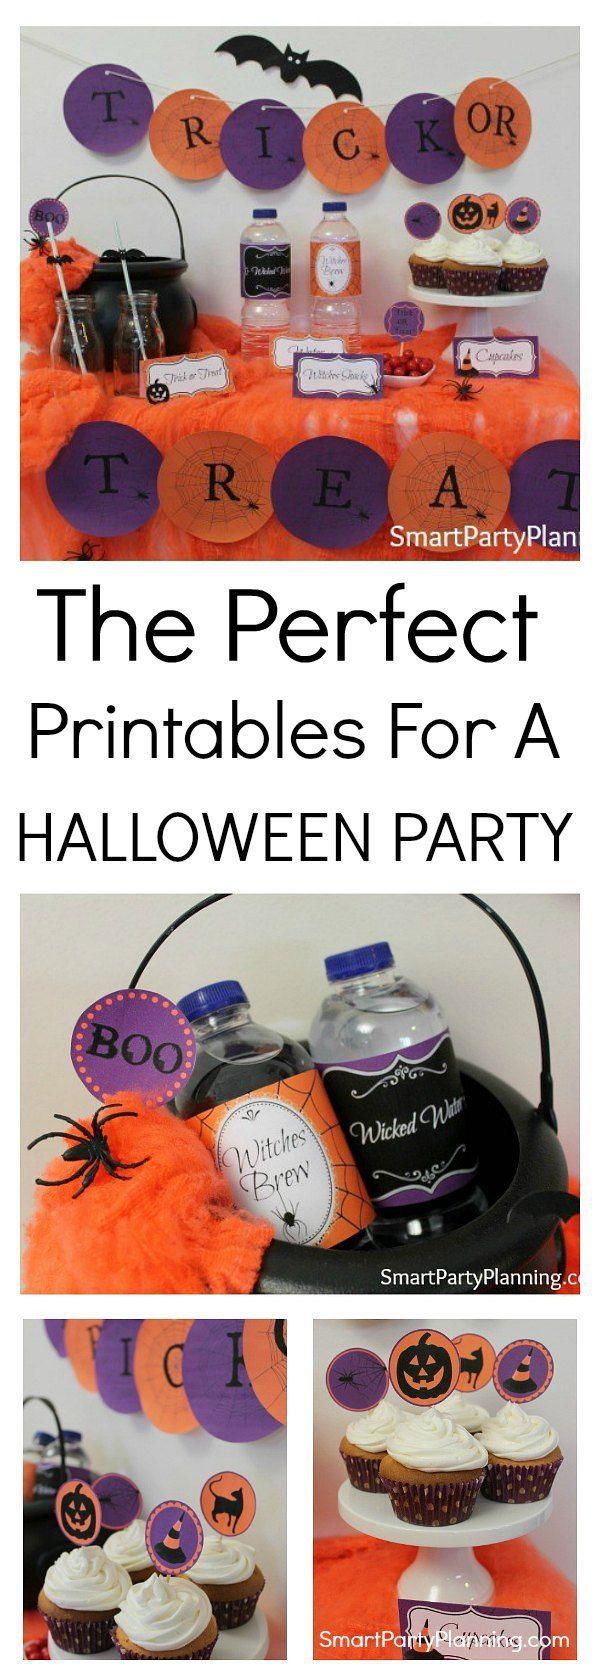 1510 besten Smart Party Planning.com Bilder auf Pinterest | 4. juli ...